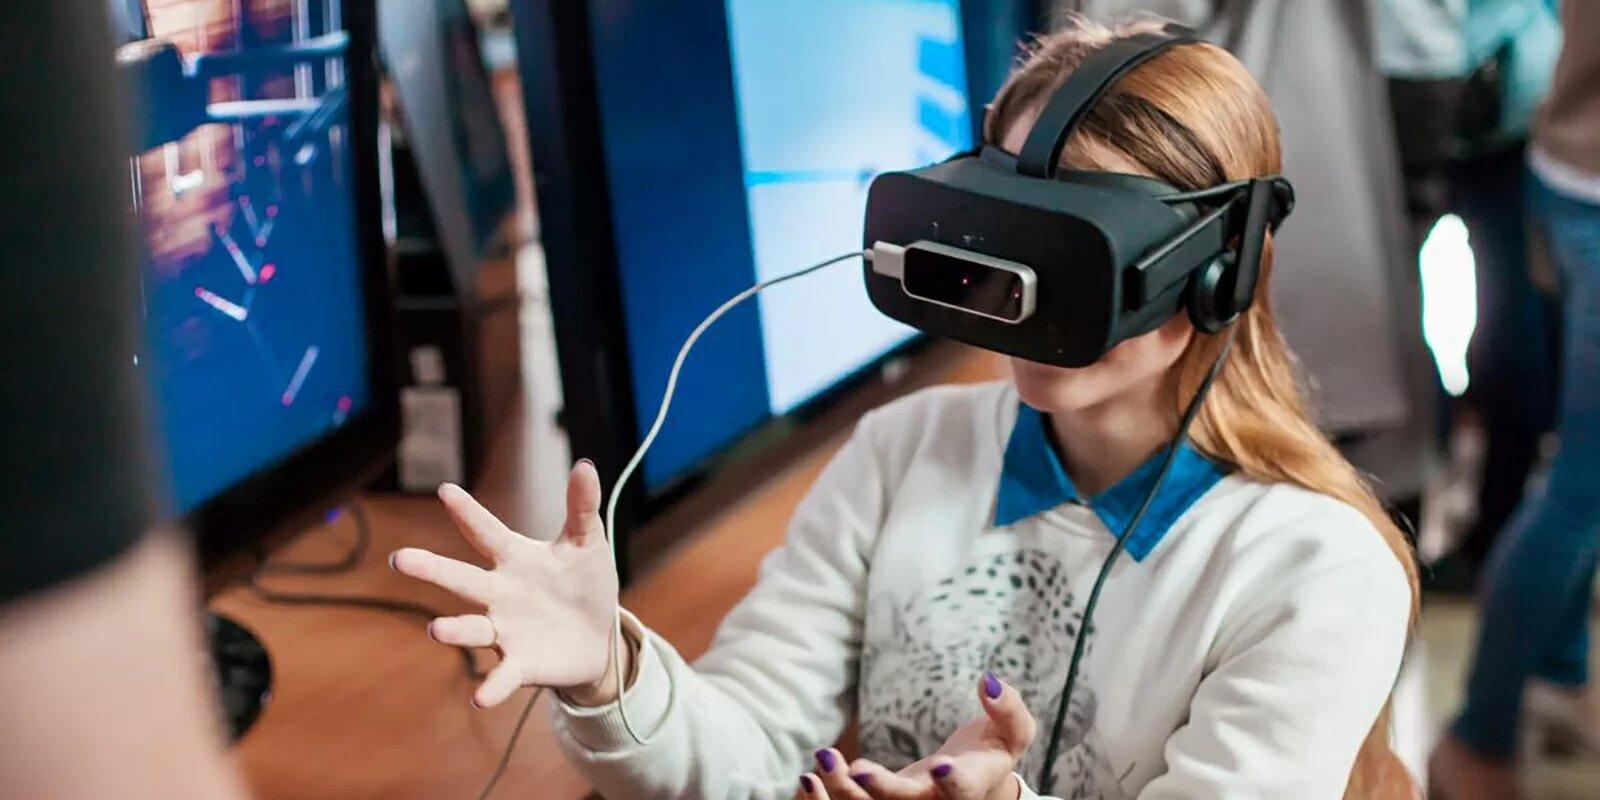 Наталья Сергунина прокомментировала успешное выступление слушателей детского технопарка «Альтаир» на городских онлайн-соревнованиях в апреле